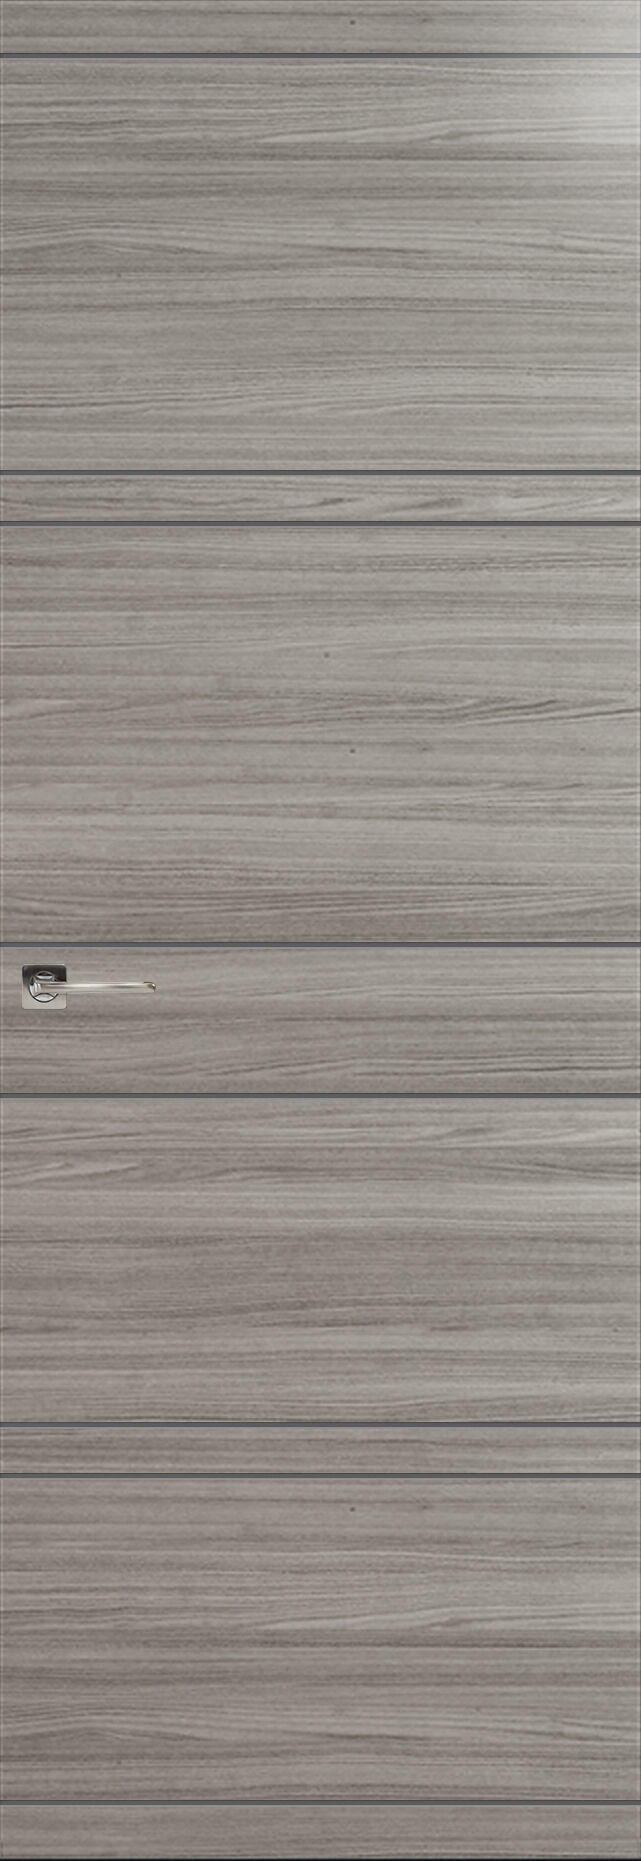 Tivoli Е-2 Невидимка цвет - Орех пепельный Без стекла (ДГ)